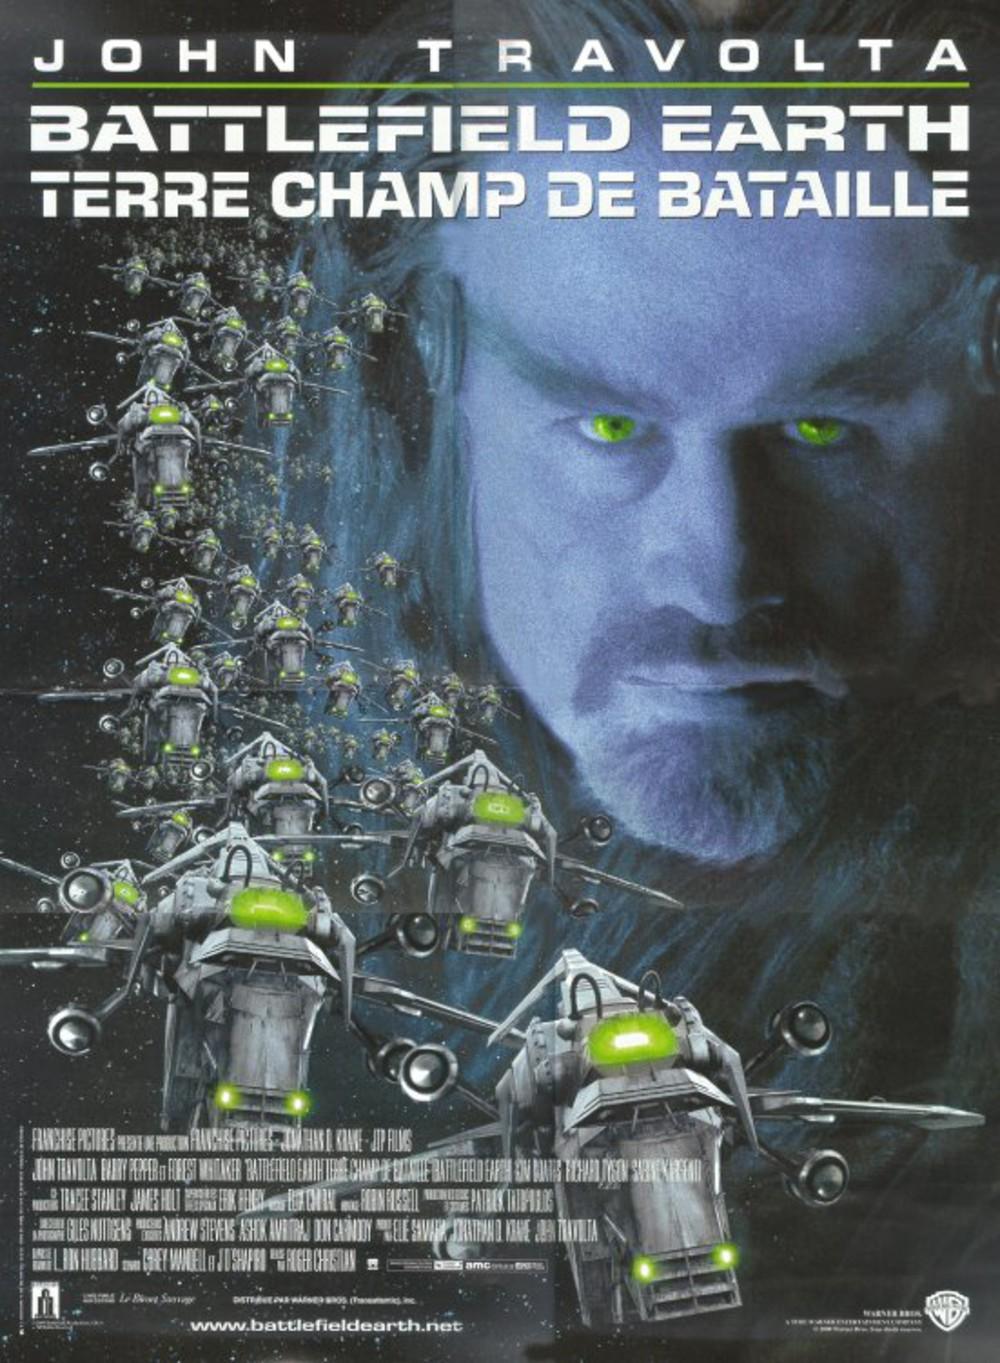 affiche du film Battlefield Earth: Terre champ de bataille